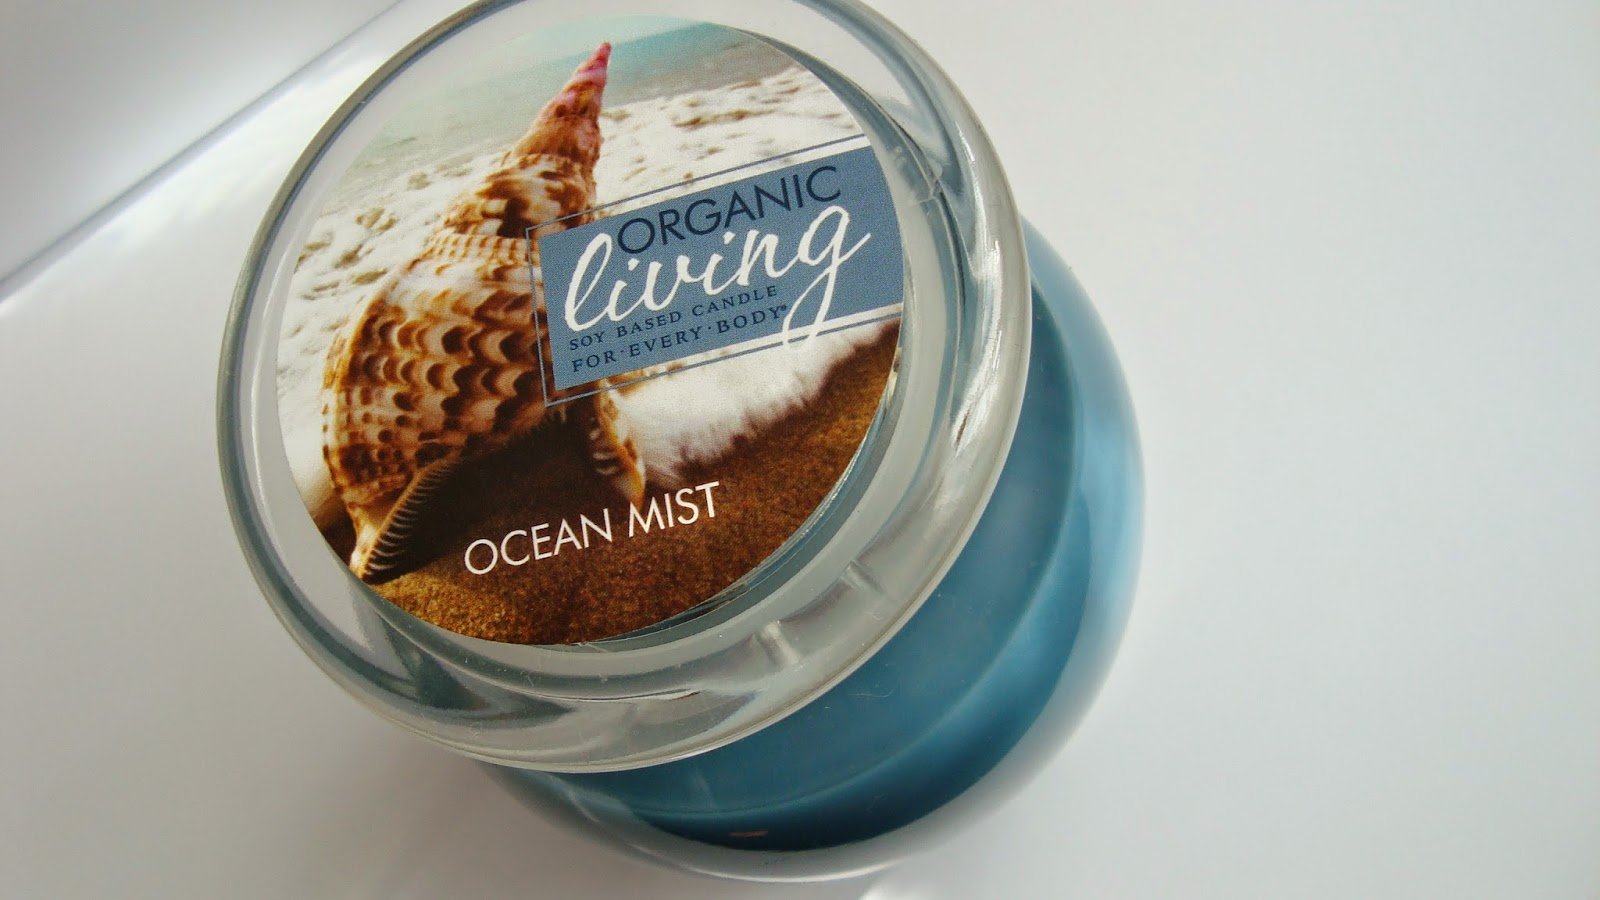 Świeca ze sklepu Aromatyczne Świece o zapachu OCEAN MIST